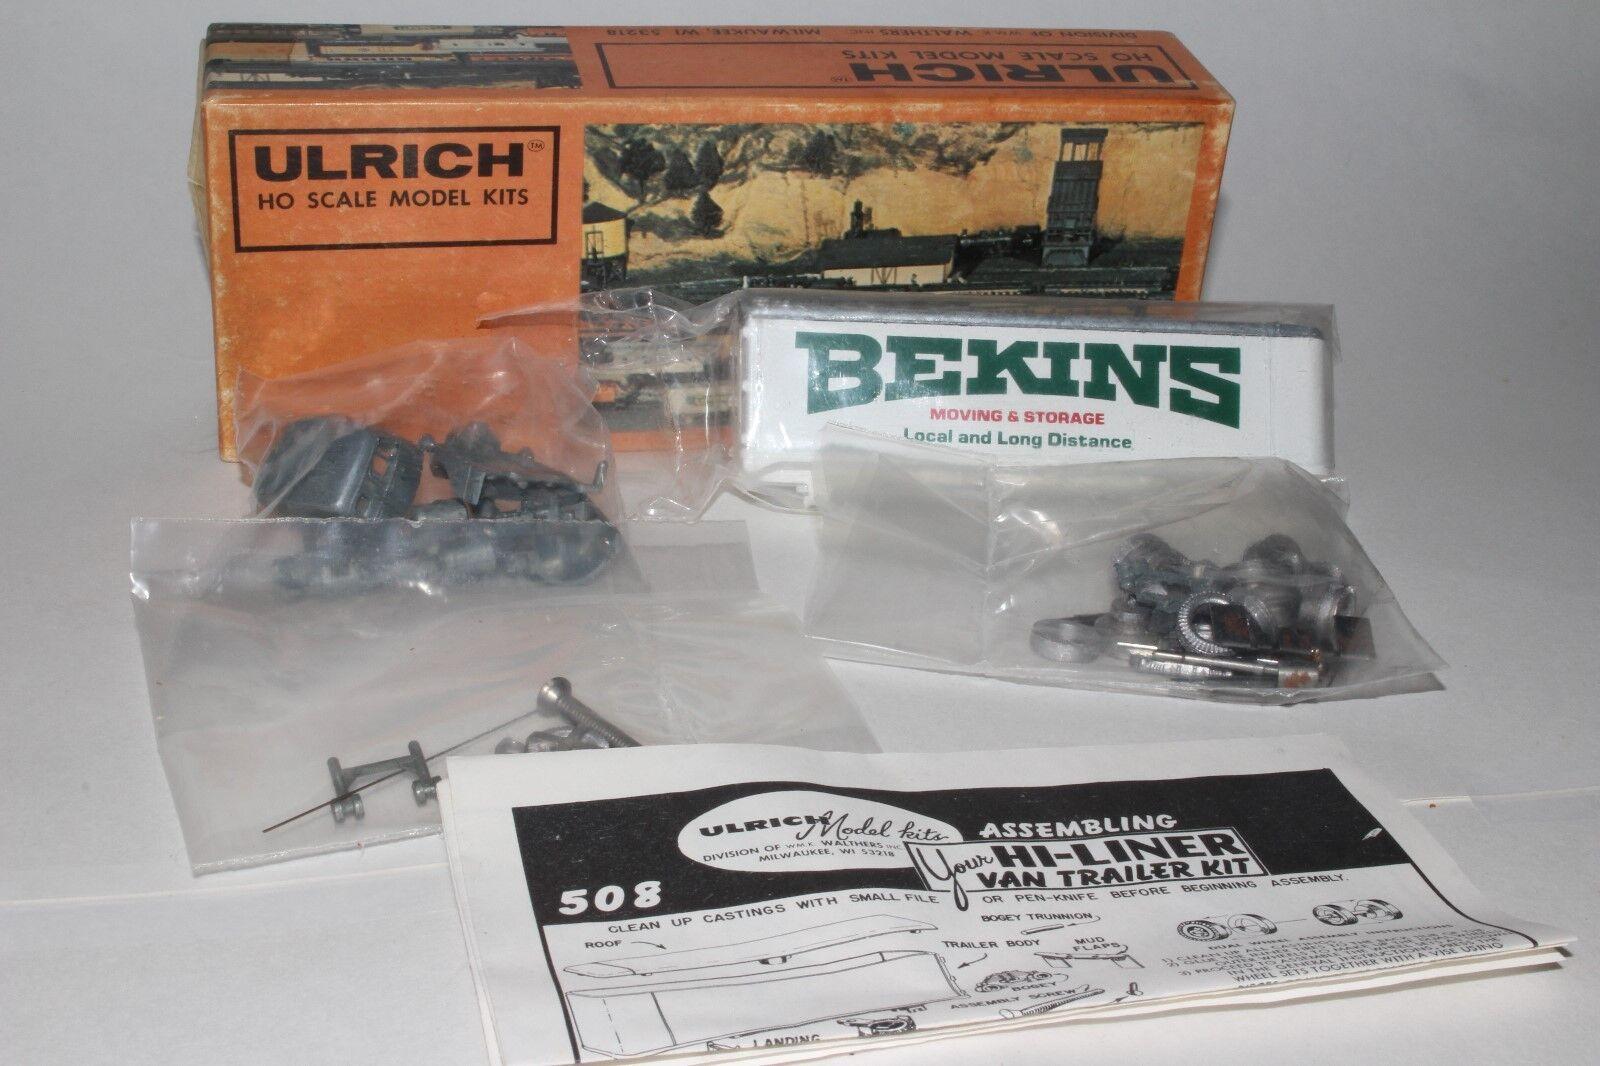 Ulrich Escala Ho Kit de Modelismo, Furgoneta Bekins, con Mack Coe Tractor,